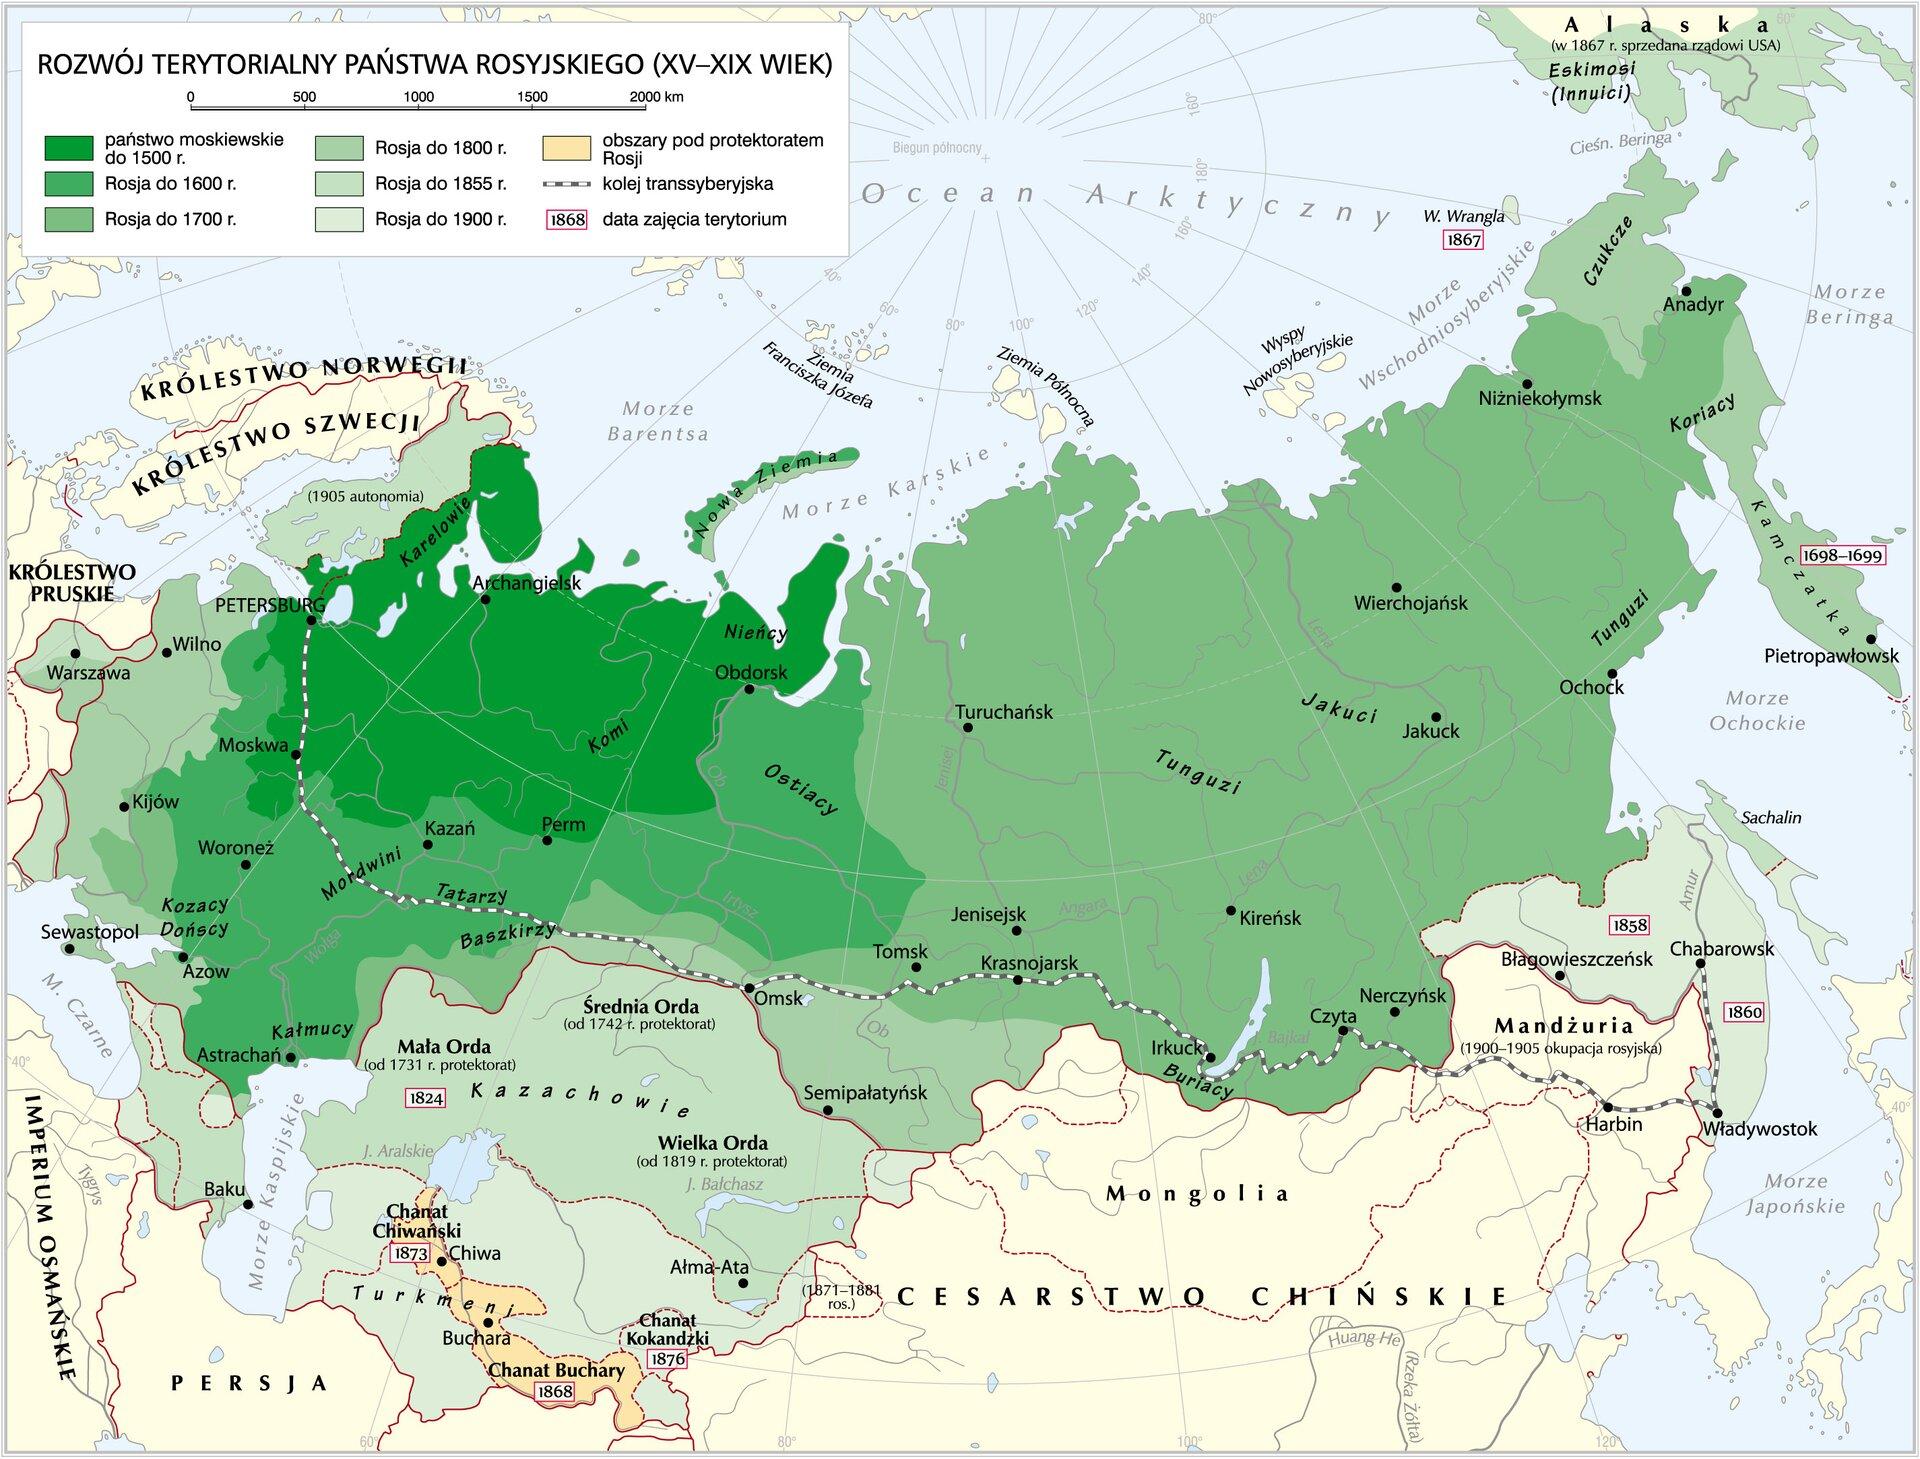 Rosja wXIX wieku Źródło: Krystian Chariza izespół, Rosja wXIX wieku, licencja: CC BY 3.0.